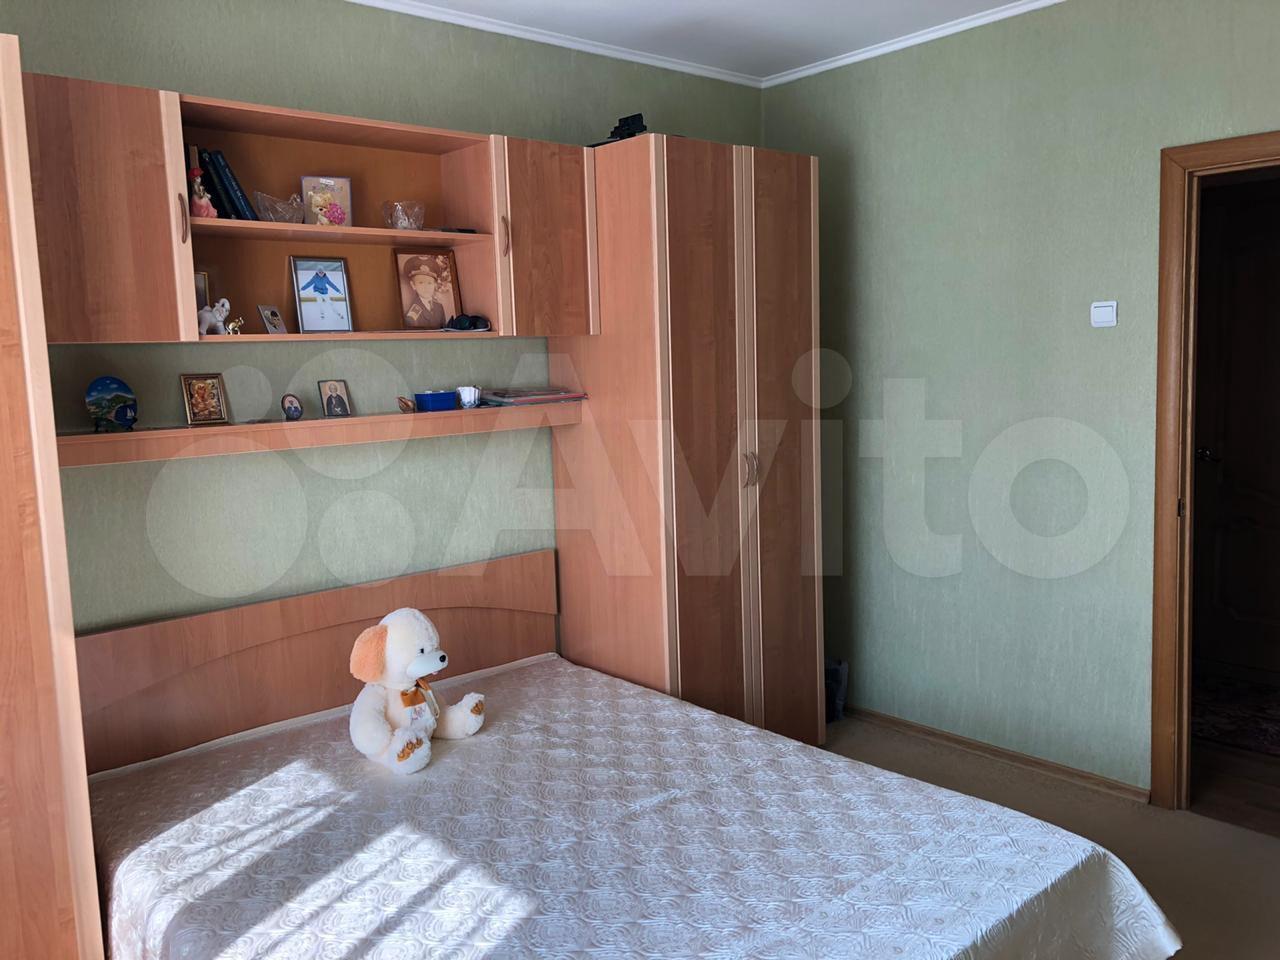 2-к квартира, 53 м², 7/9 эт.  89584983841 купить 3